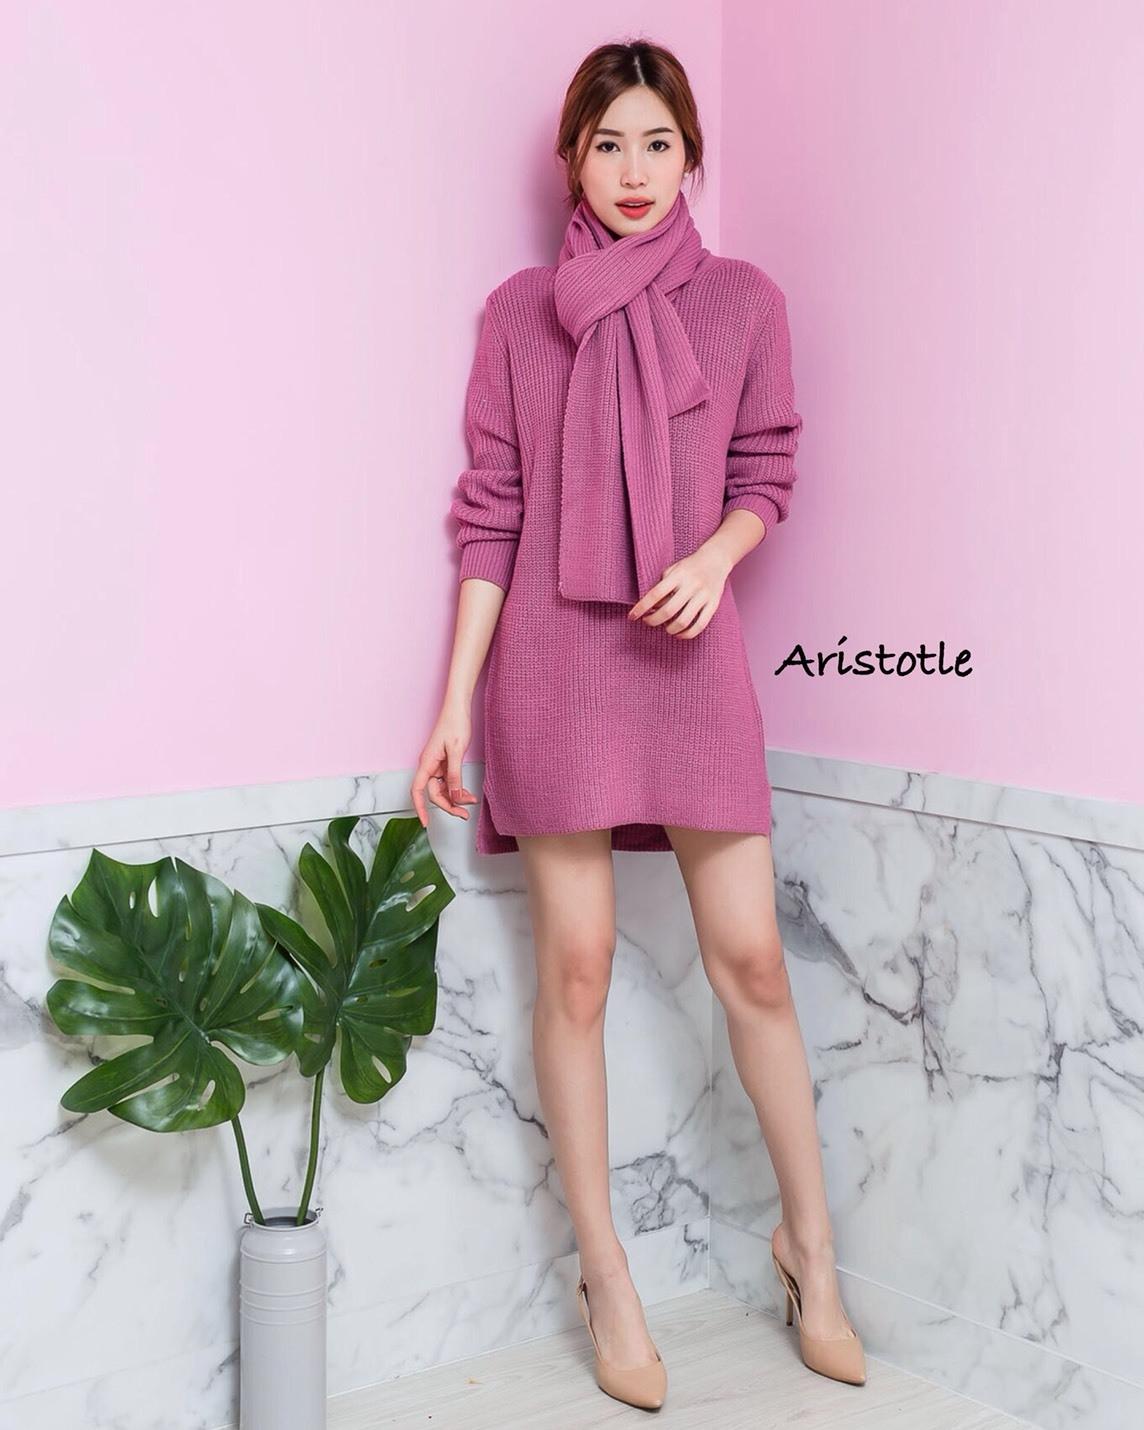 เสื้อผ้าเกาหลีพร้อมส่ง Knit style เสื้อไหมพรมมาพร้อมผ้าพันคอ